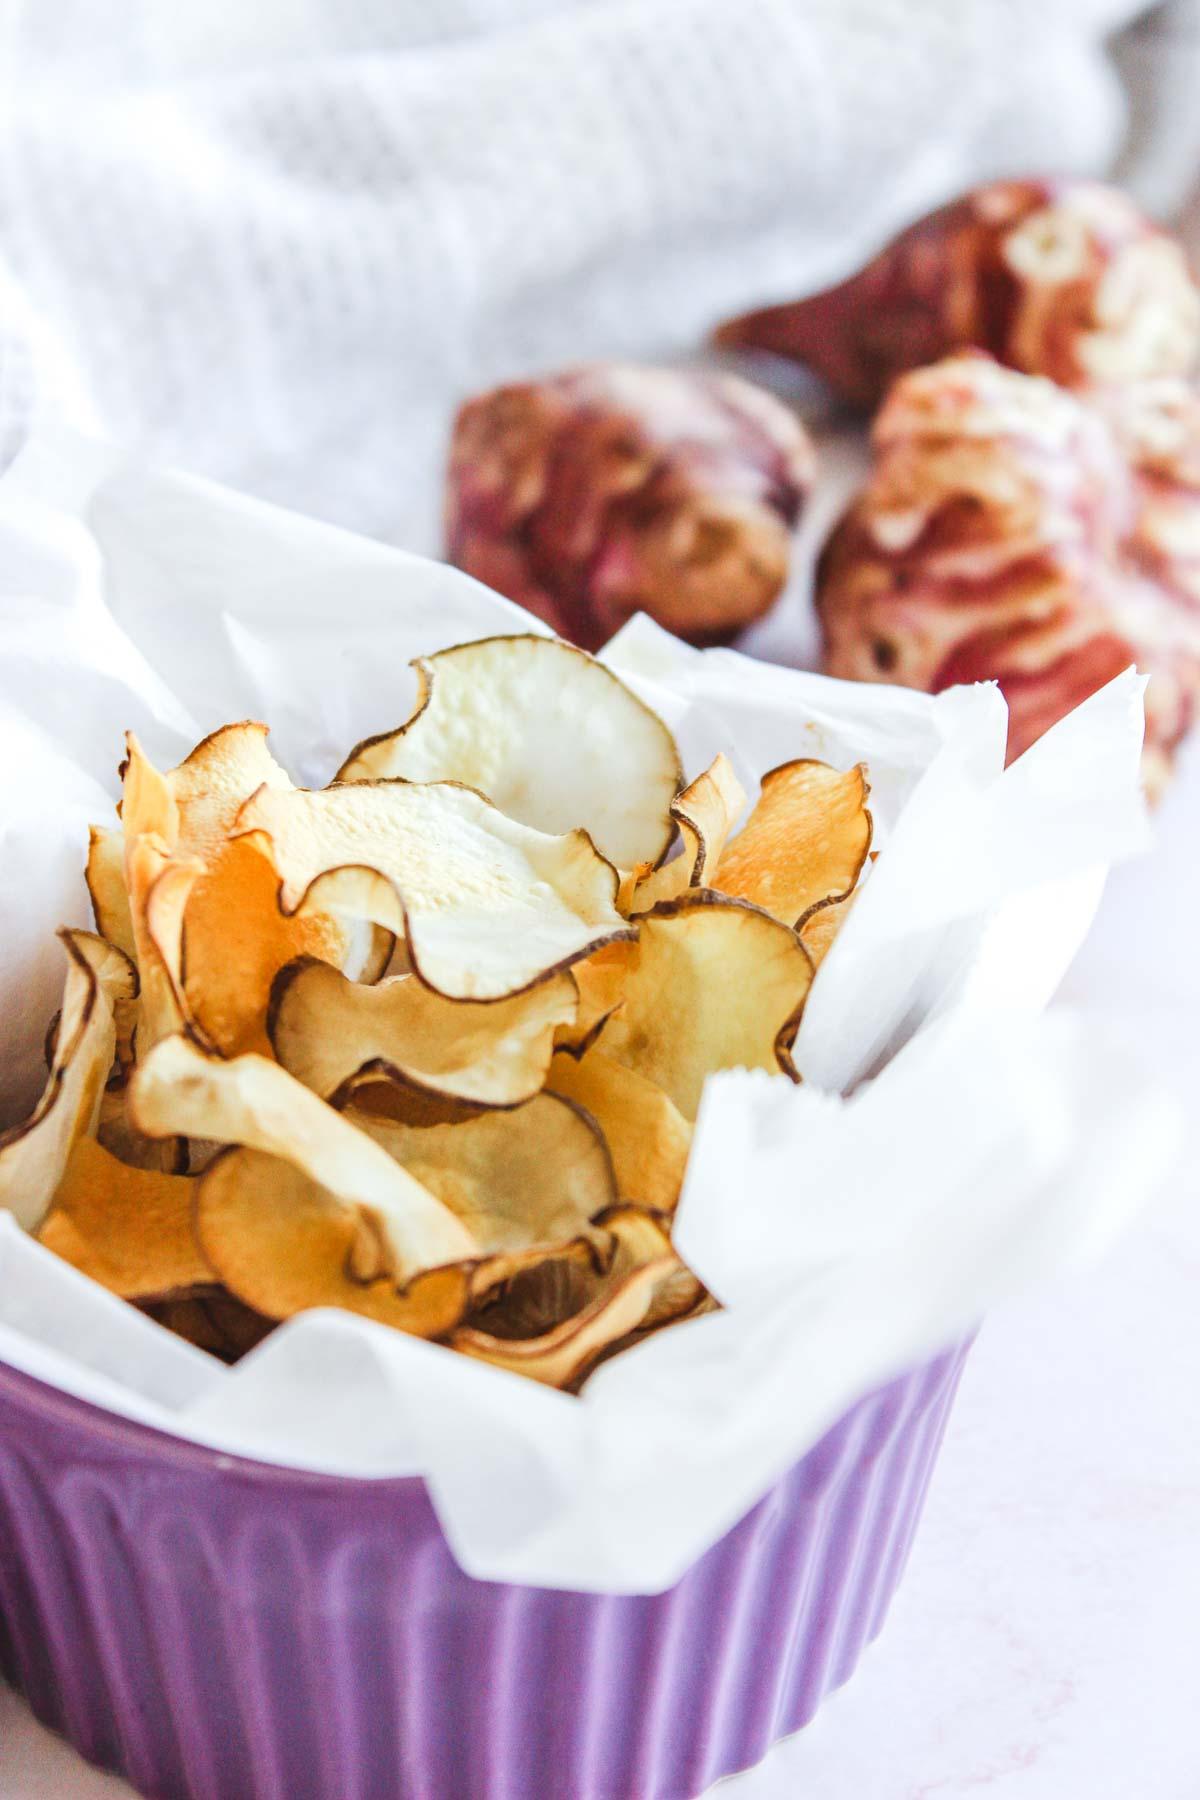 Bowl of crispy gluten-free jerusalem artichoke chips.